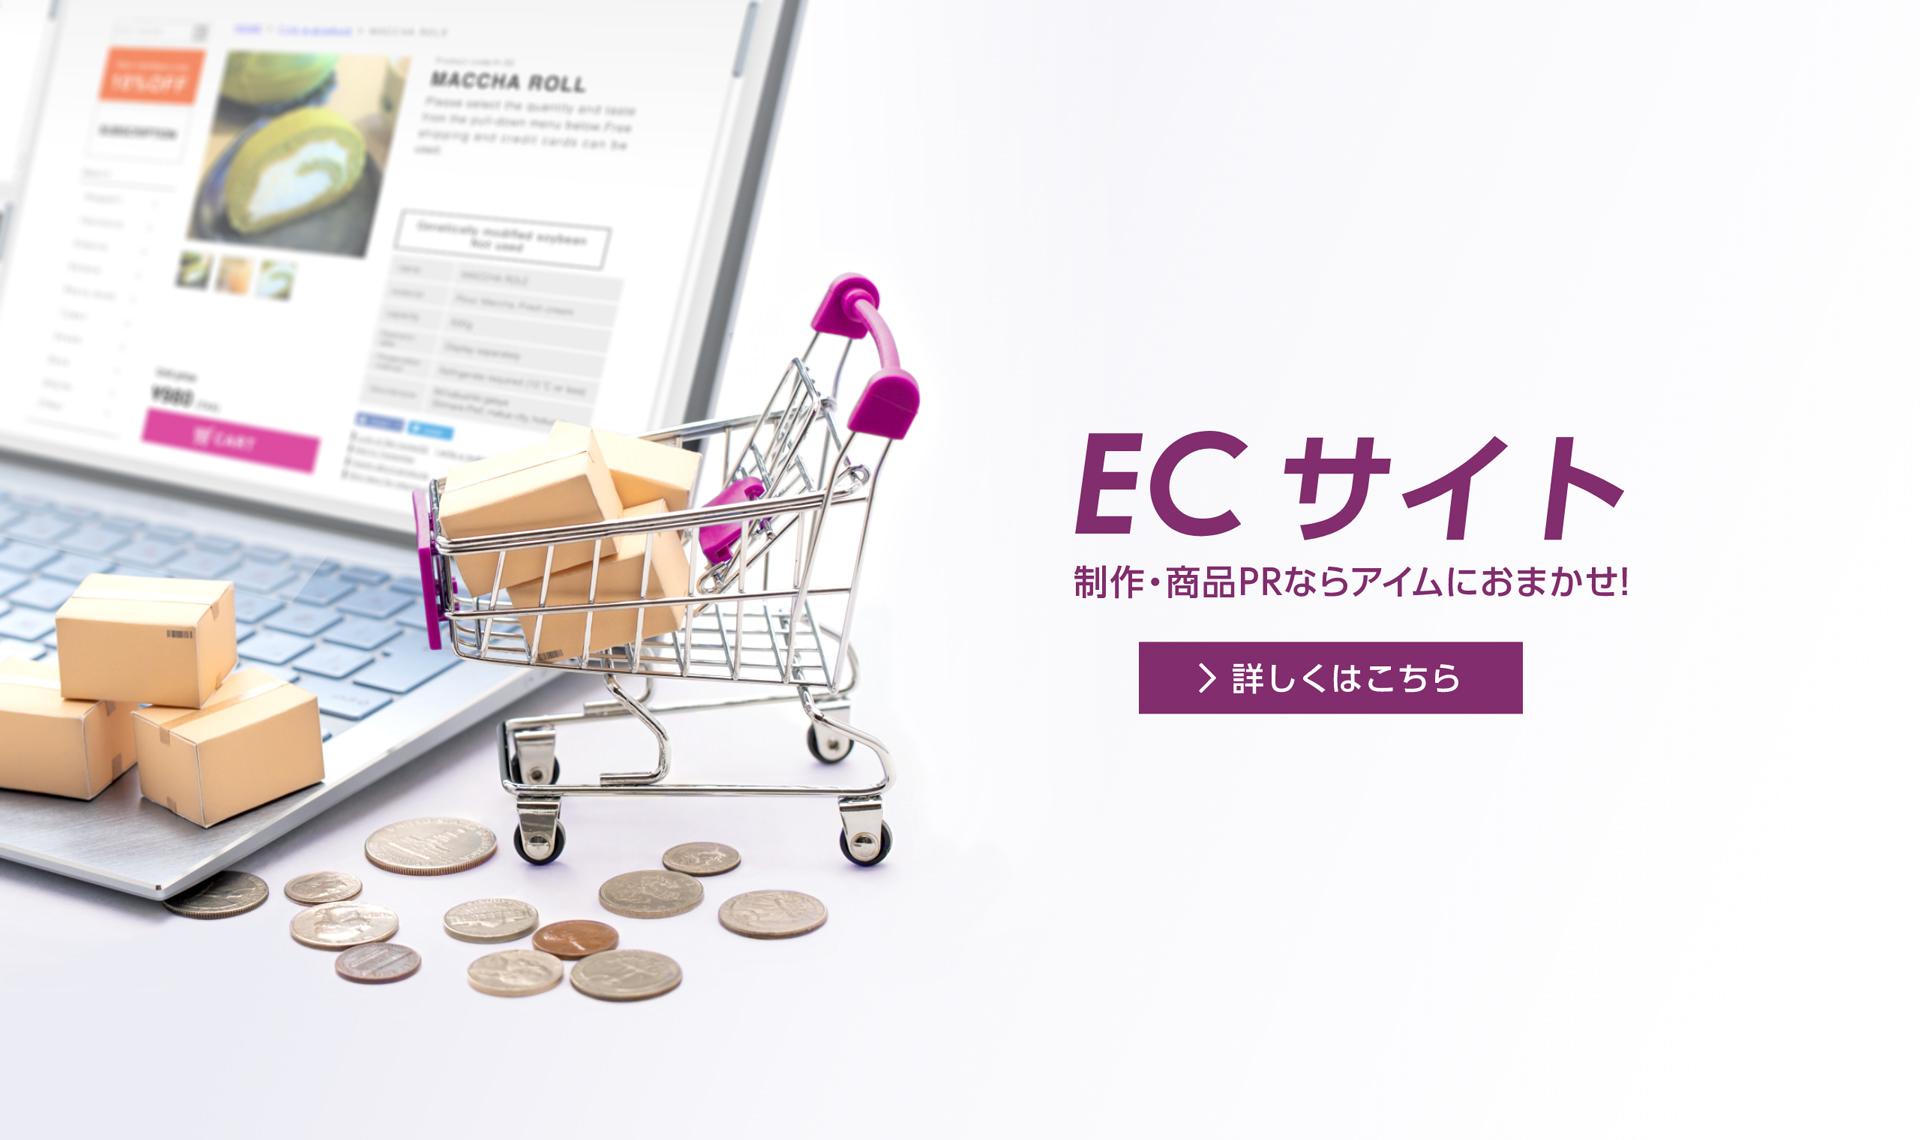 ECサイト 制作・商品PRならアイムにおまかせ!